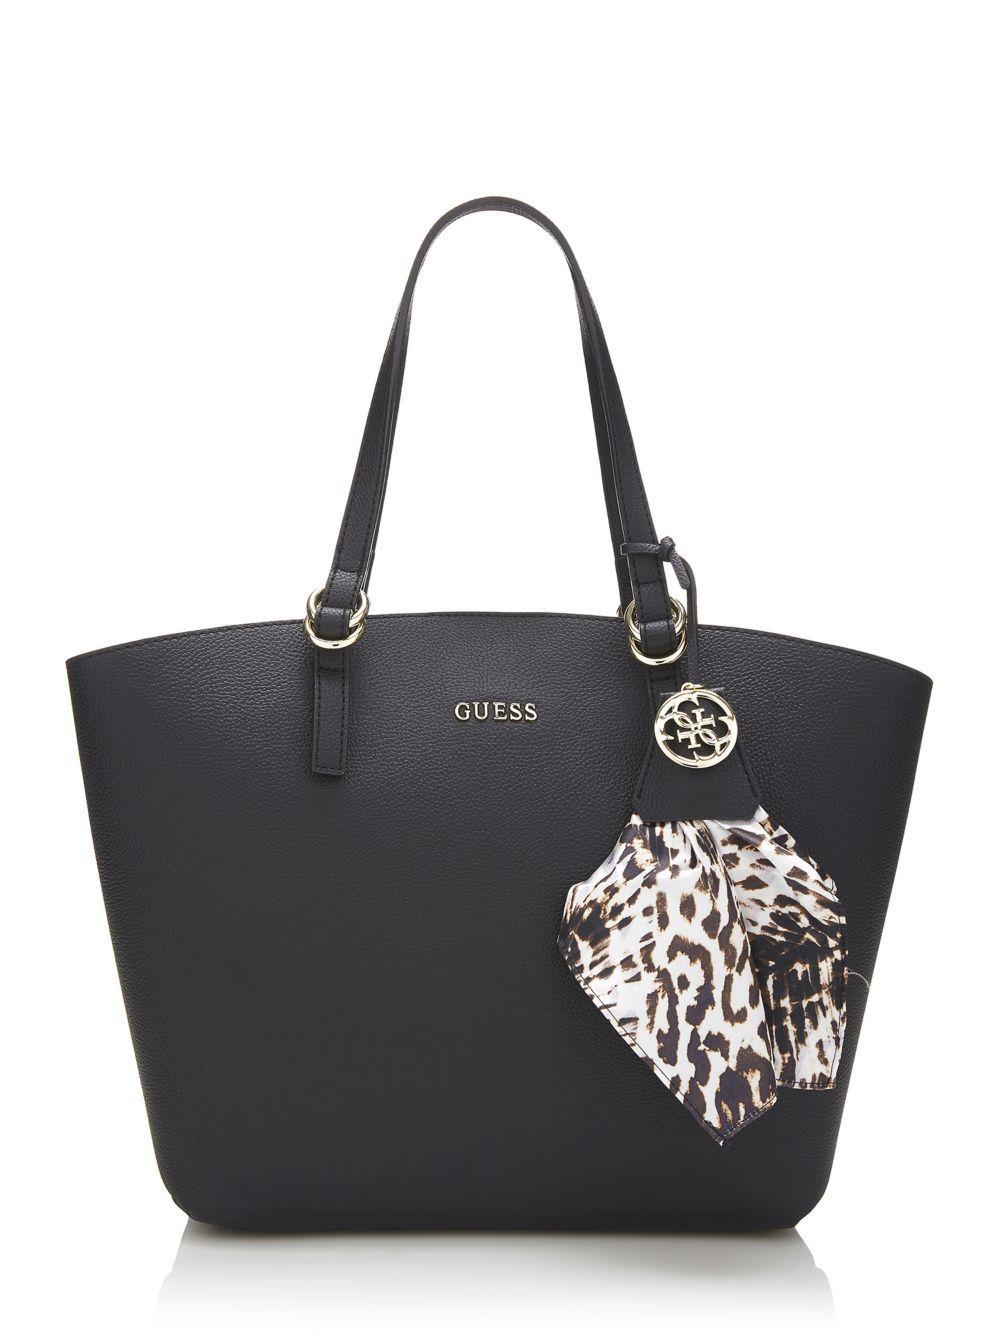 21b24c417e CABAS MINERVA À CLOUS Guess | Guess Mode | Bags, Tote Bag et Fashion